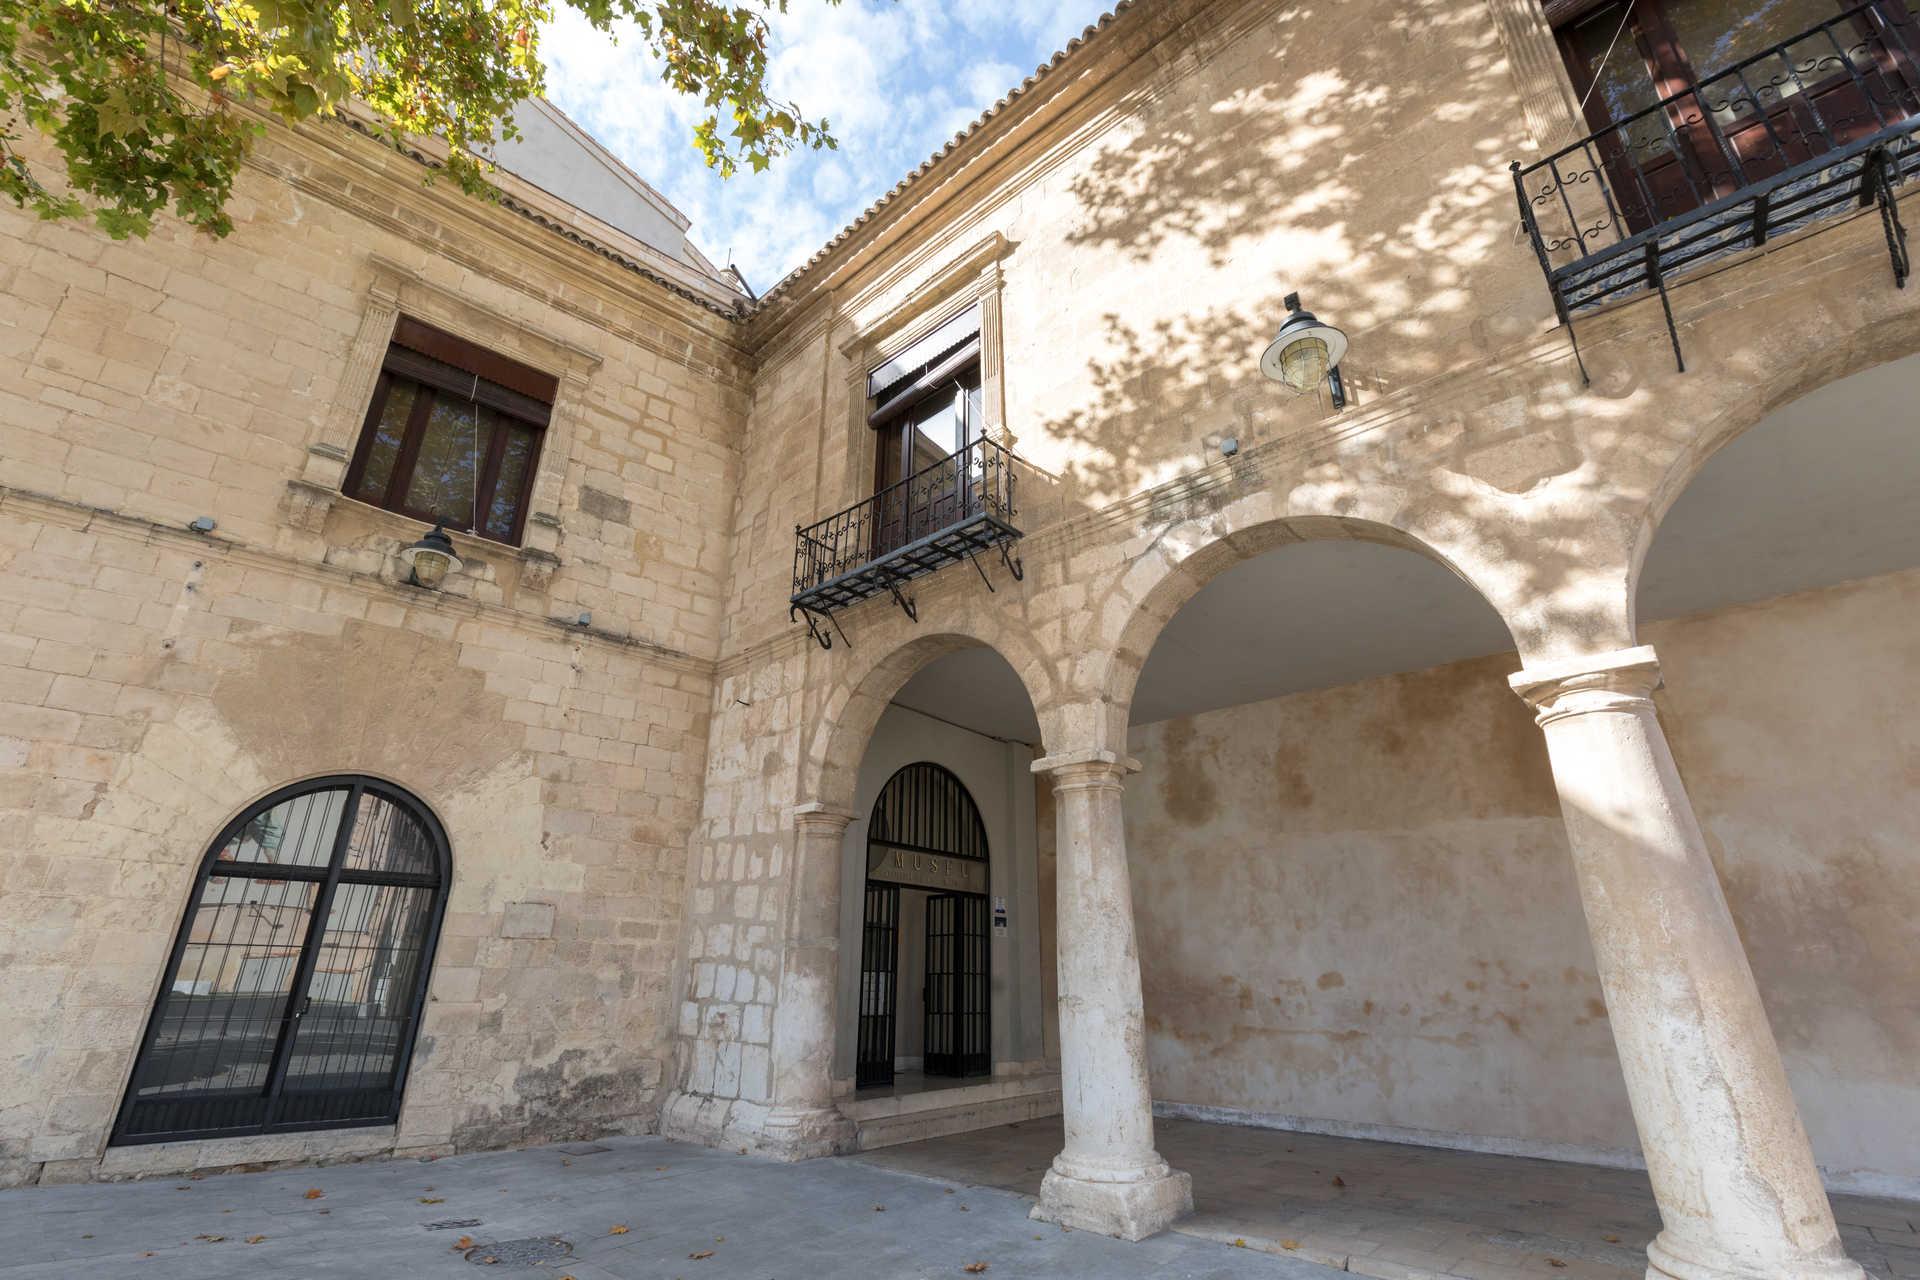 Musée Archéologique Camil Visedo